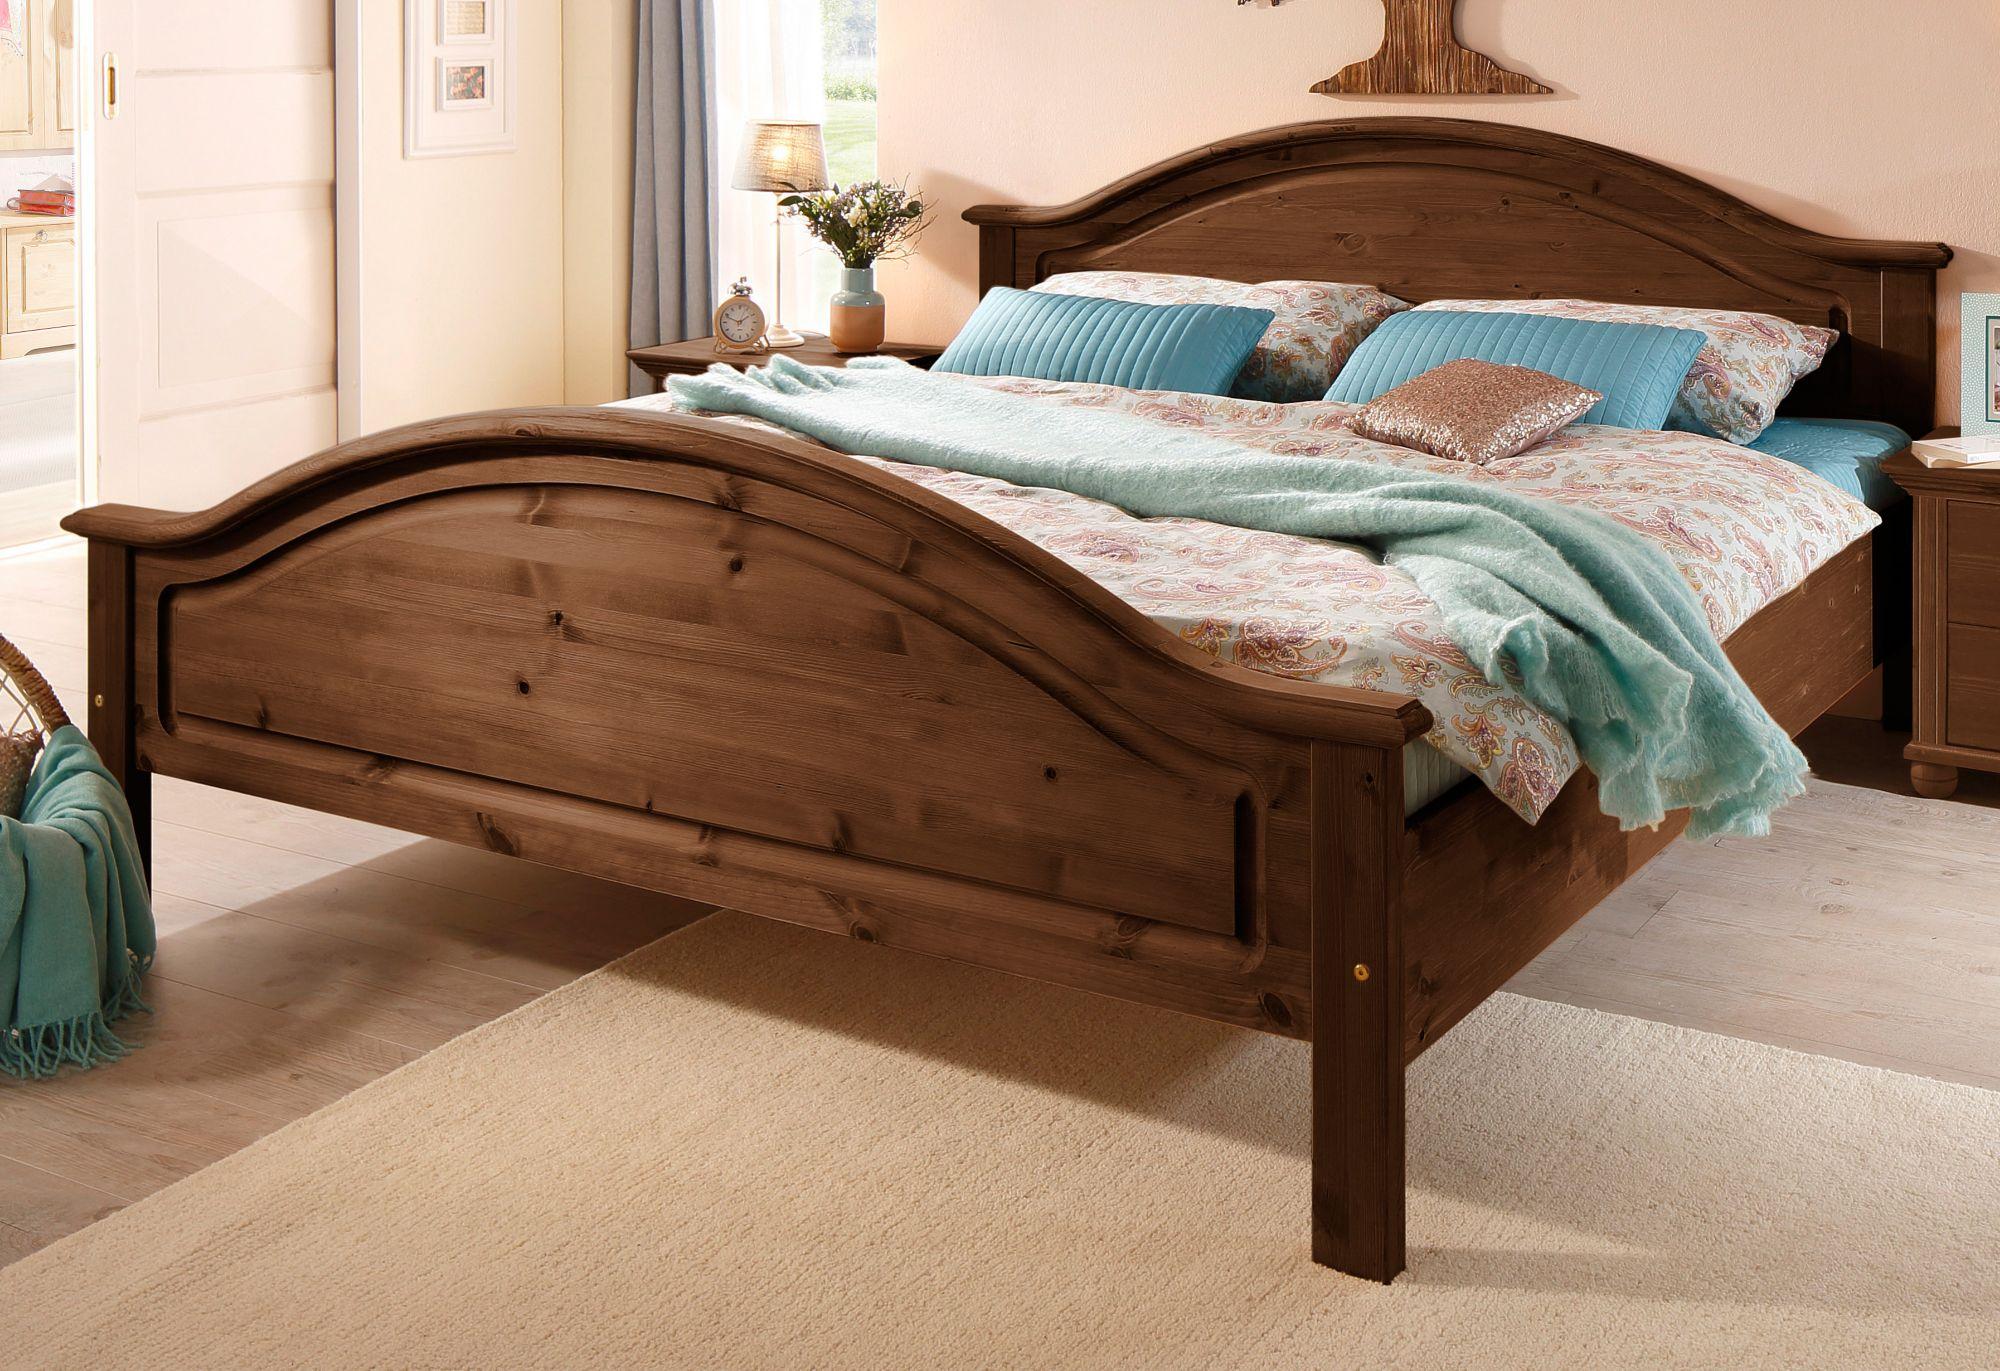 kolonial bett g nstig online kaufen beim schwab versand. Black Bedroom Furniture Sets. Home Design Ideas